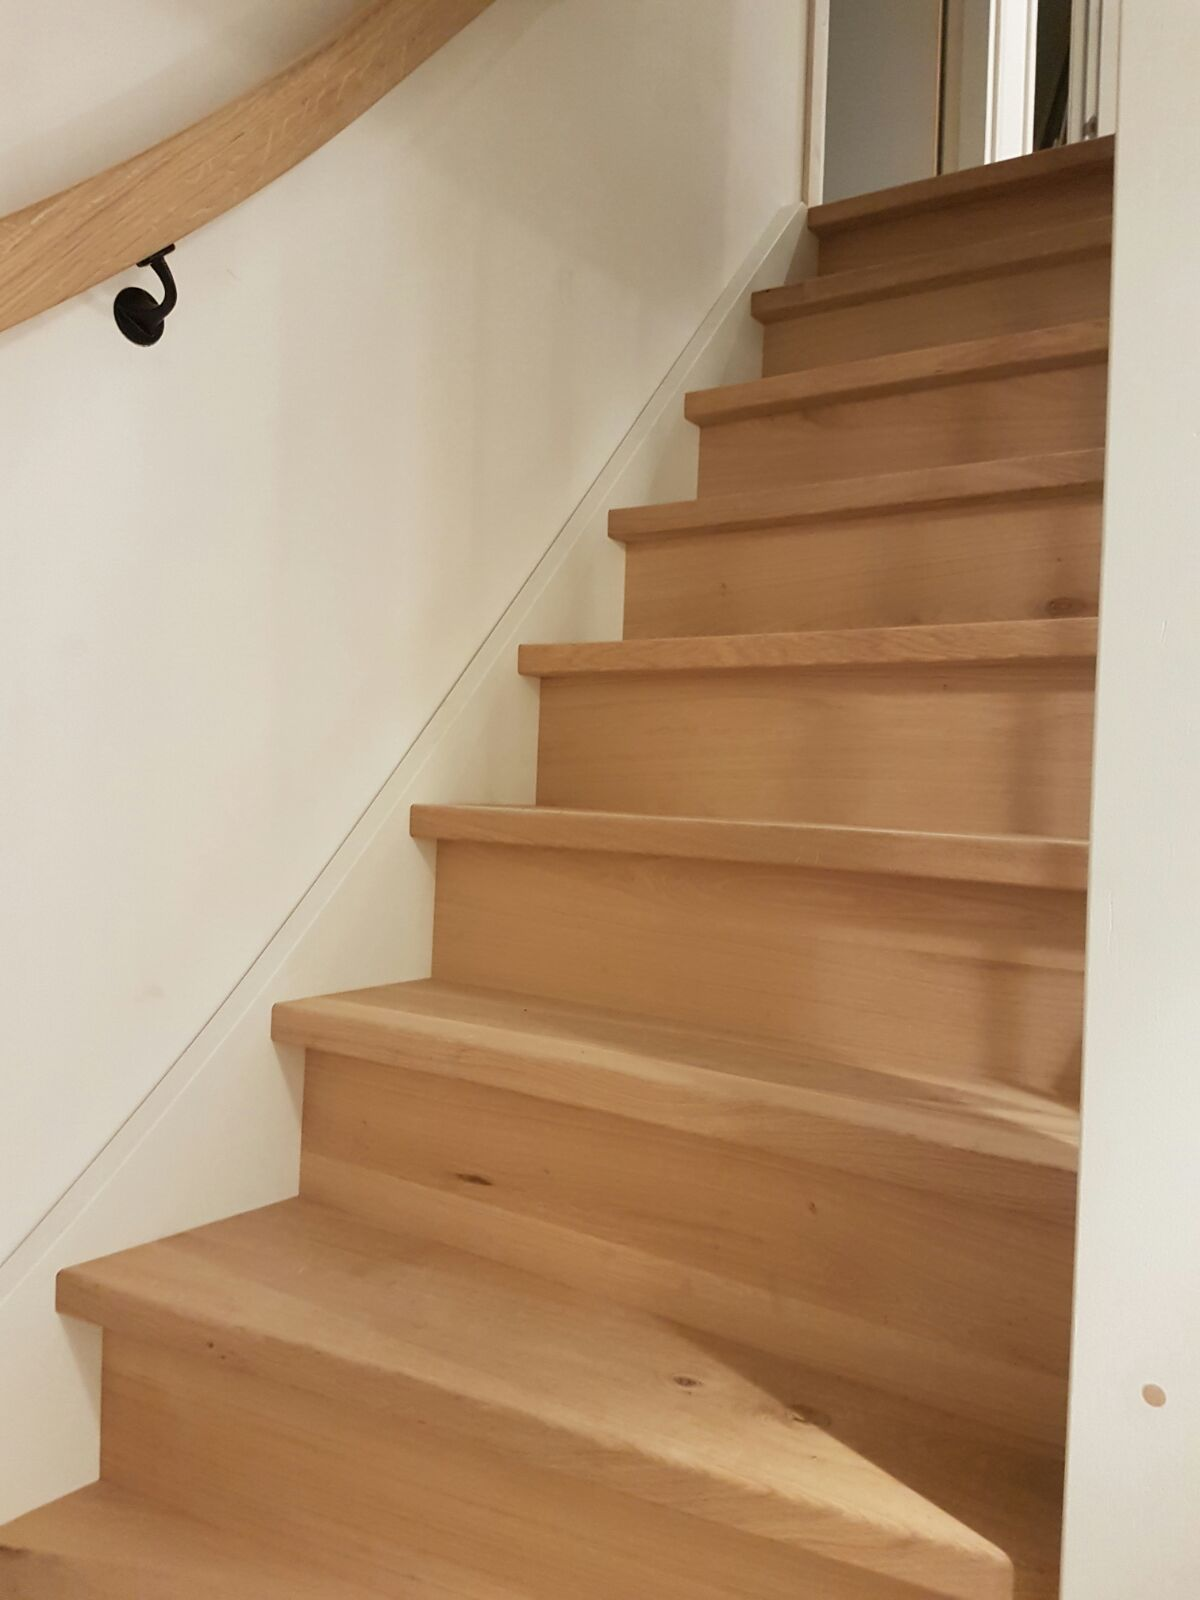 Soorten houten trappen houtsoorten voor trappen eiken for Hout voor traptreden